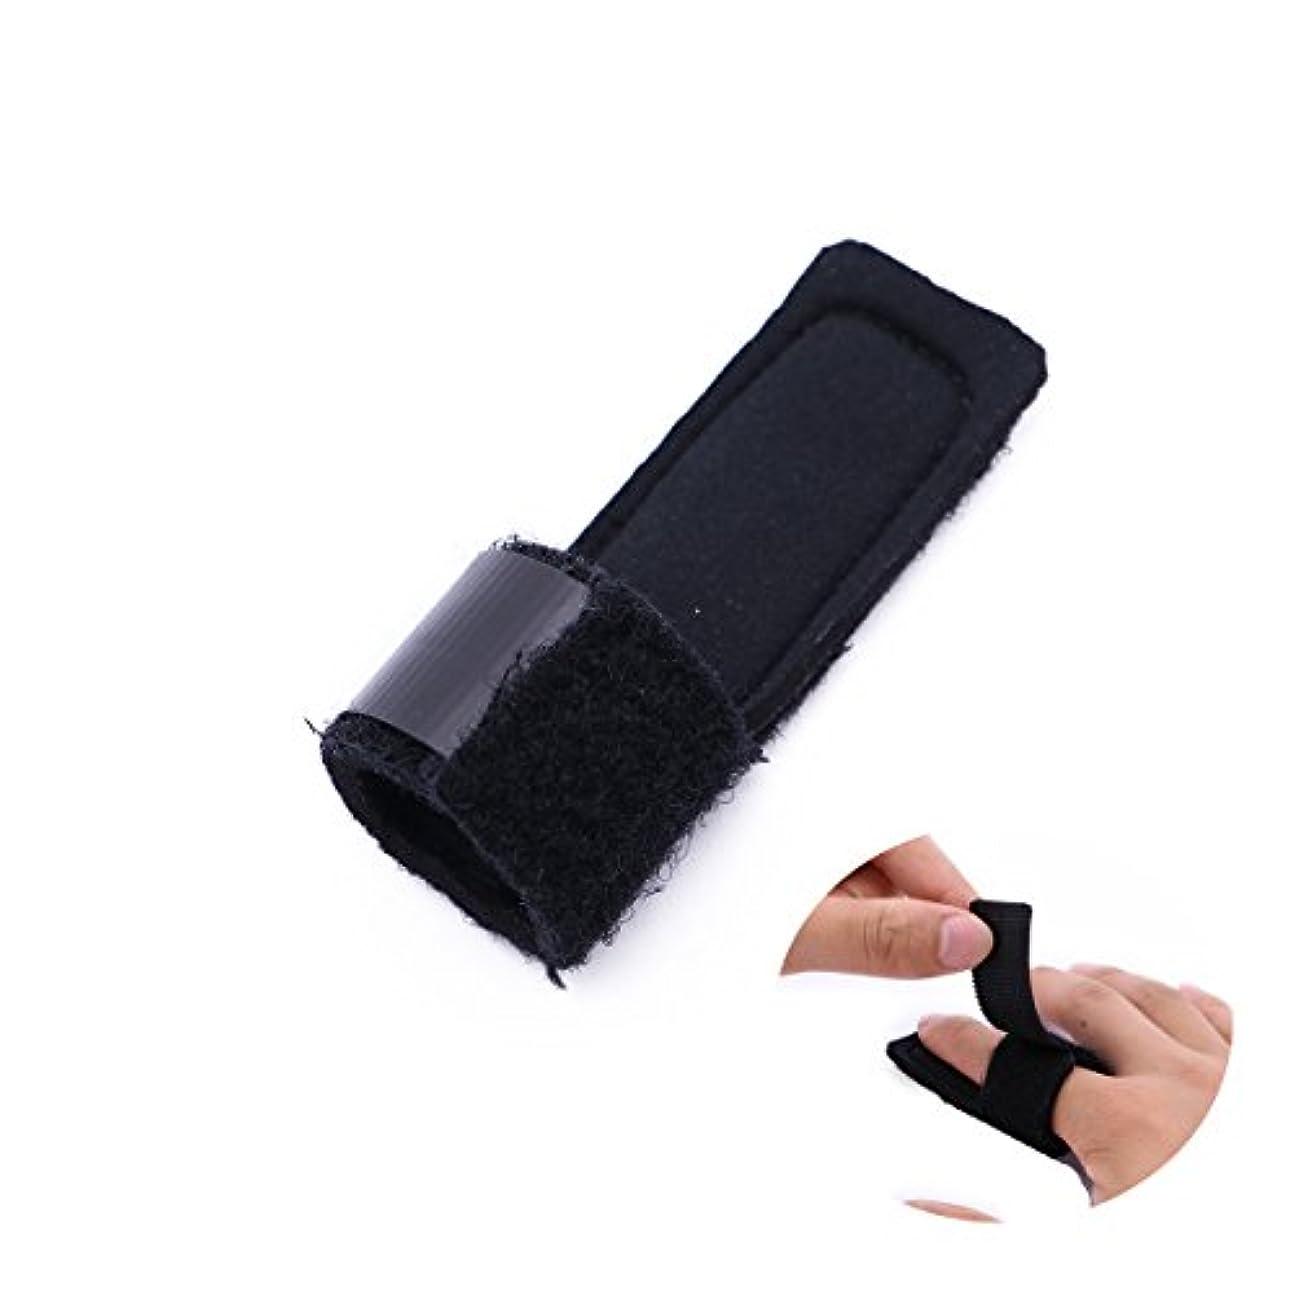 シンジケート通行人ハイブリッドSUPVOX 指の添え木マレット指の支柱の引き金のための骨折の接合箇所の添え木プロテクター